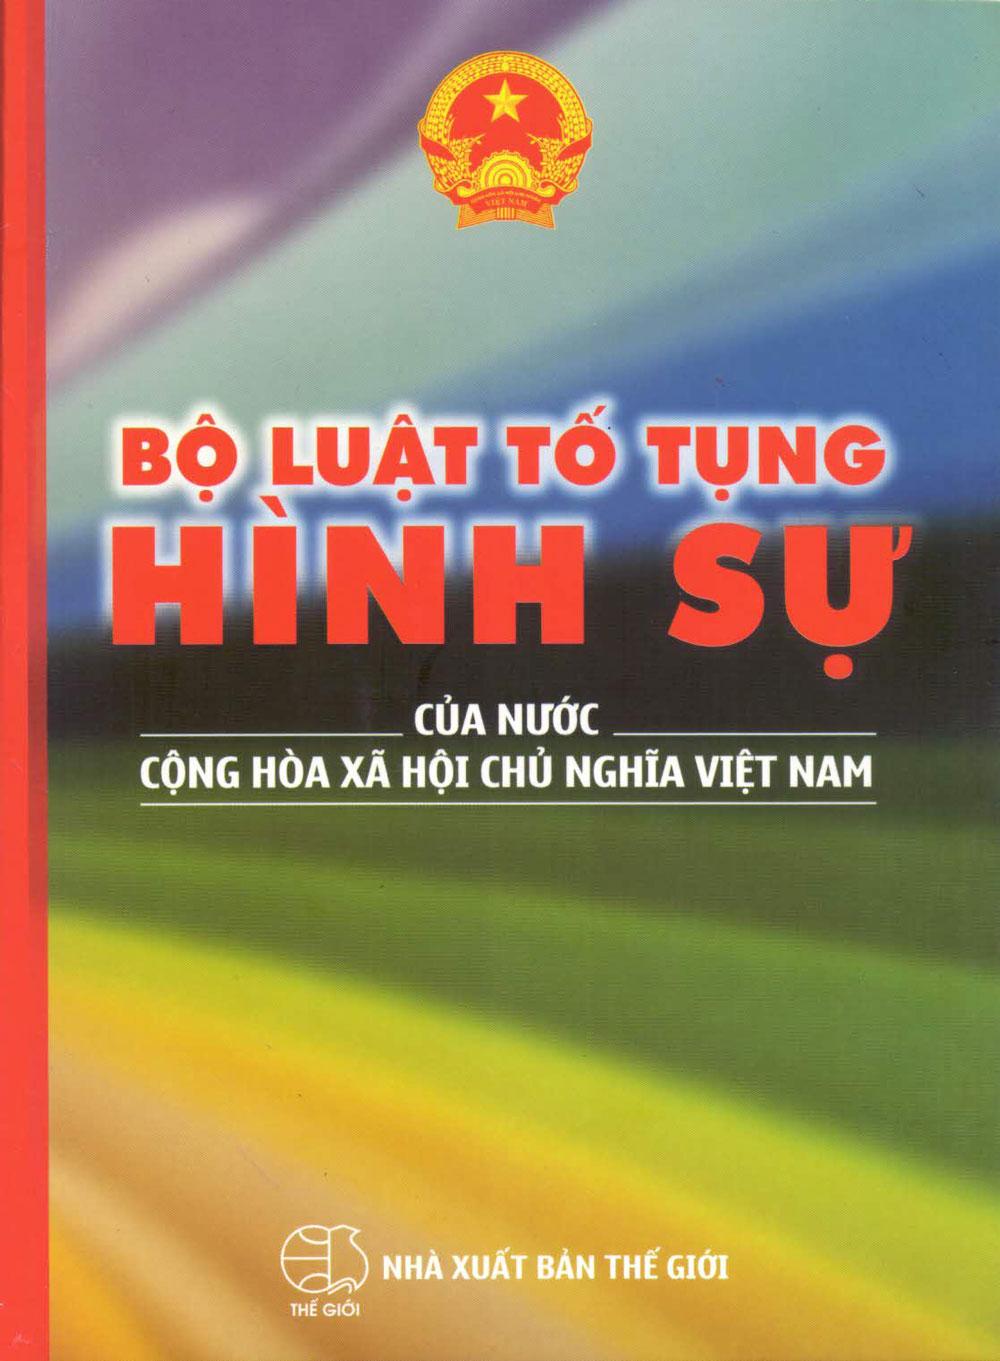 Bộ Luật Tố Tụng Hình Sự Của Nước Cộng Hoà Xã Hội Chủ Nghĩa Việt Nam (2016) - 2388164938000,62_584294,63000,tiki.vn,Bo-Luat-To-Tung-Hinh-Su-Cua-Nuoc-Cong-Hoa-Xa-Hoi-Chu-Nghia-Viet-Nam-2016-62_584294,Bộ Luật Tố Tụng Hình Sự Của Nước Cộng Hoà Xã Hội Chủ Nghĩa Việt Nam (2016)